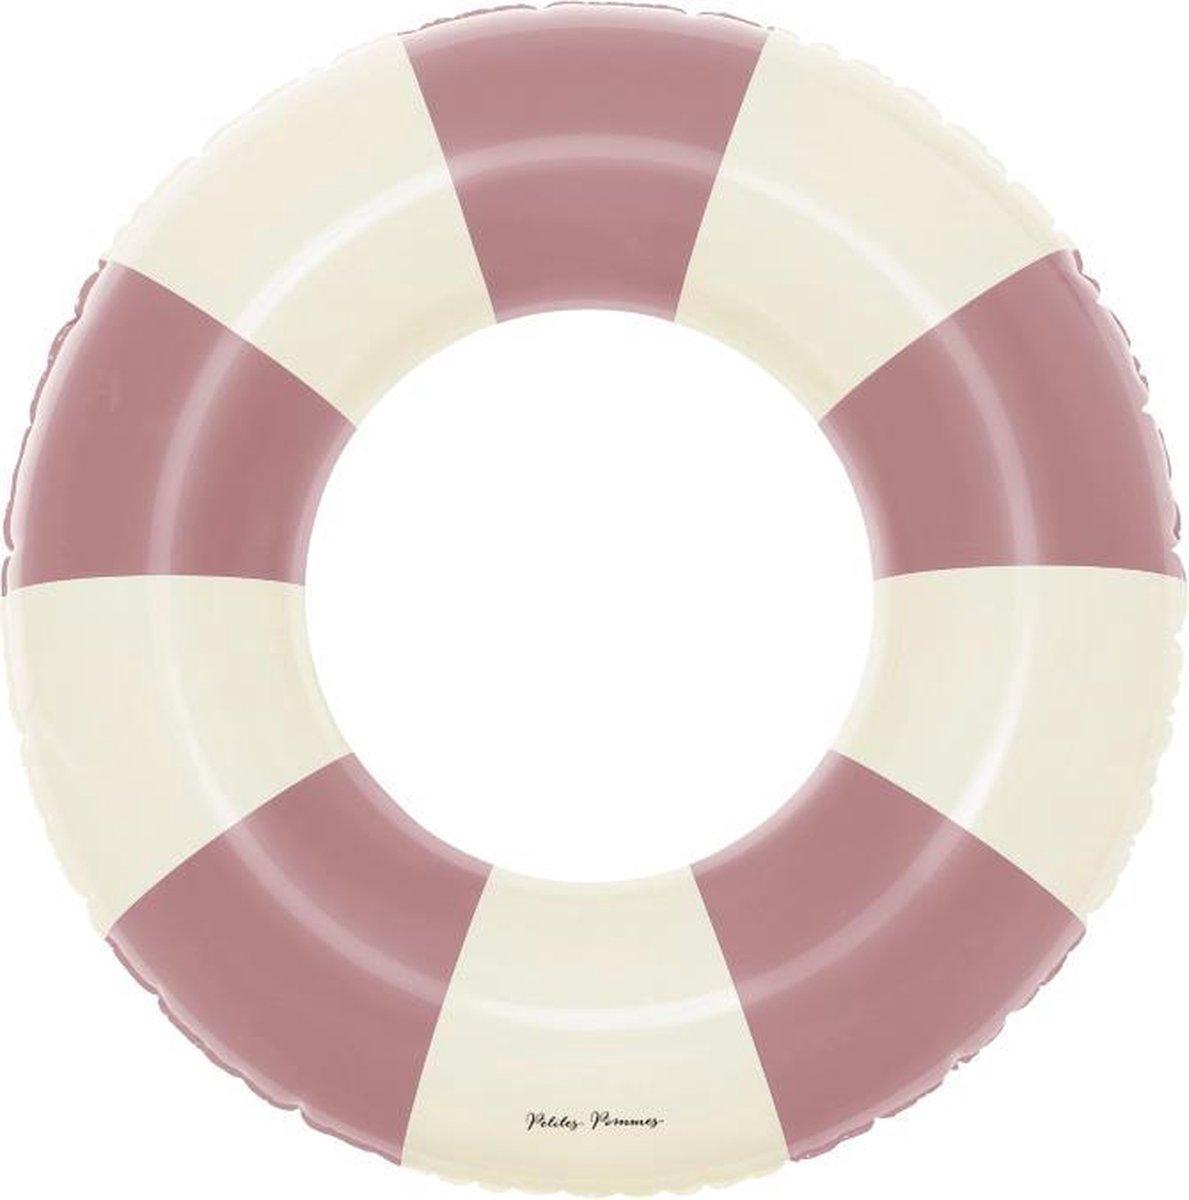 Petites Pommes Zwemring Olivia Dark Rose - Zwemband - 45 cm - 1 tot 3 jaar